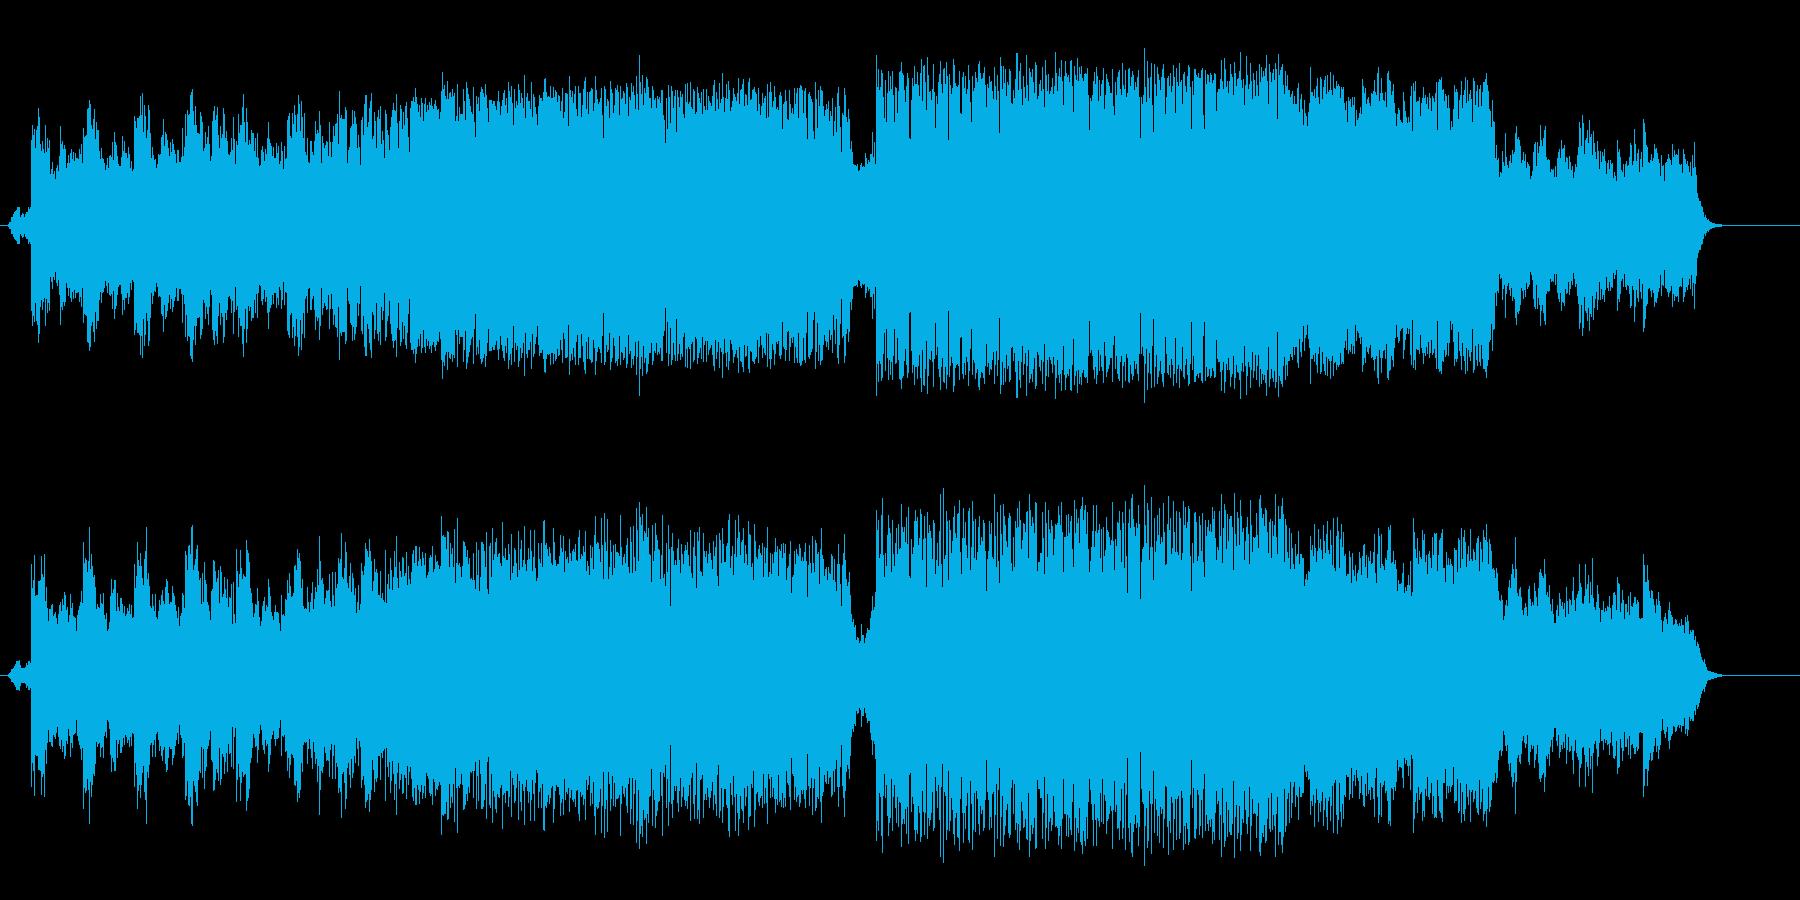 雄大で力が漲るドキュメント風/ハウスの再生済みの波形